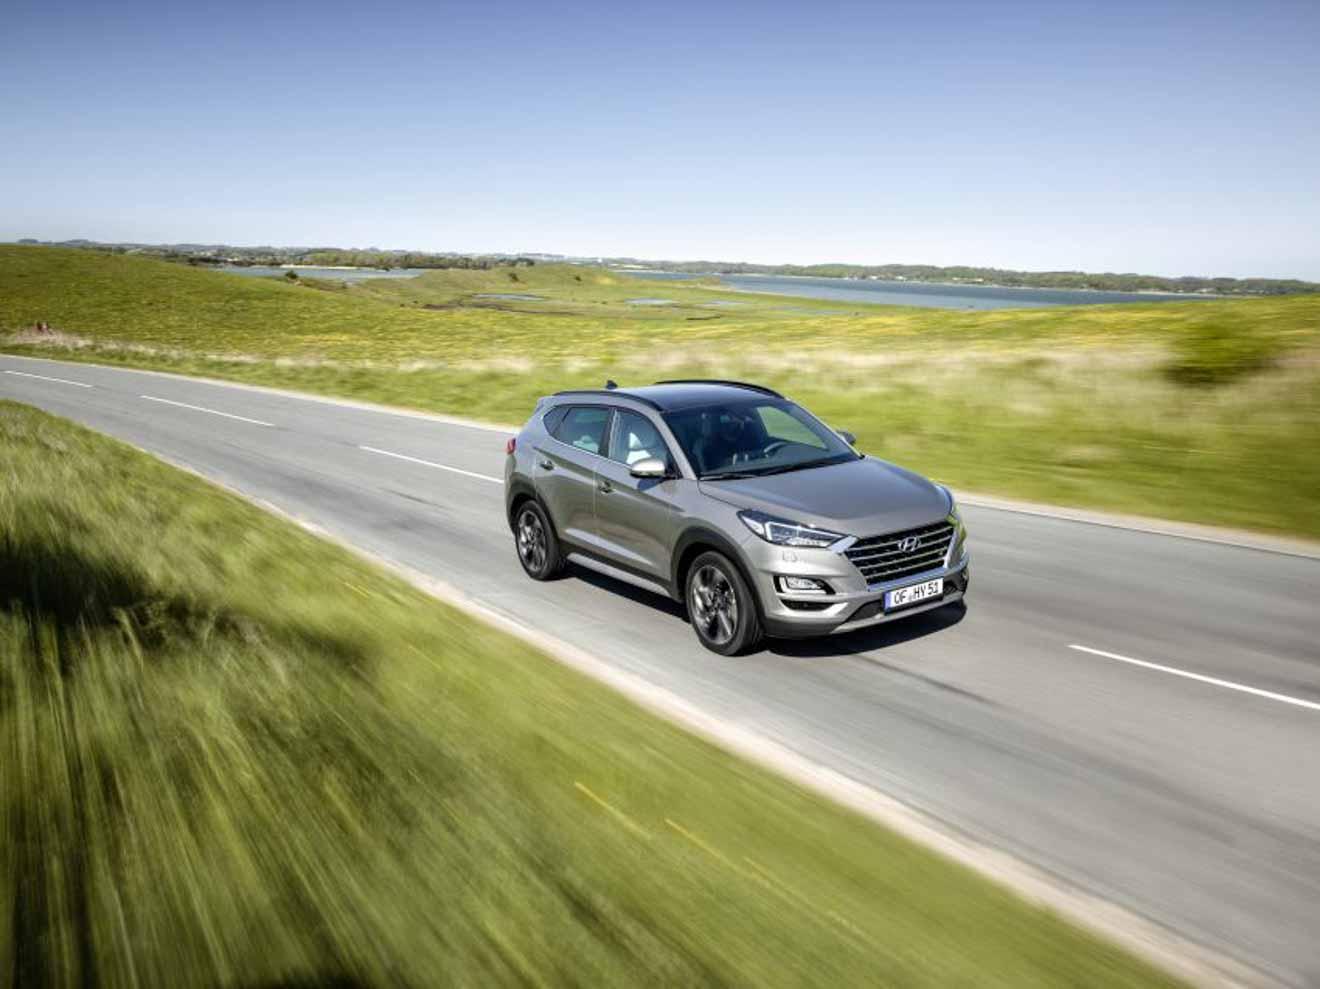 Hyundai Tucson Facelift 2019 ra mắt tại Malaysia, giá tương đương 695 triệu đồng - 2